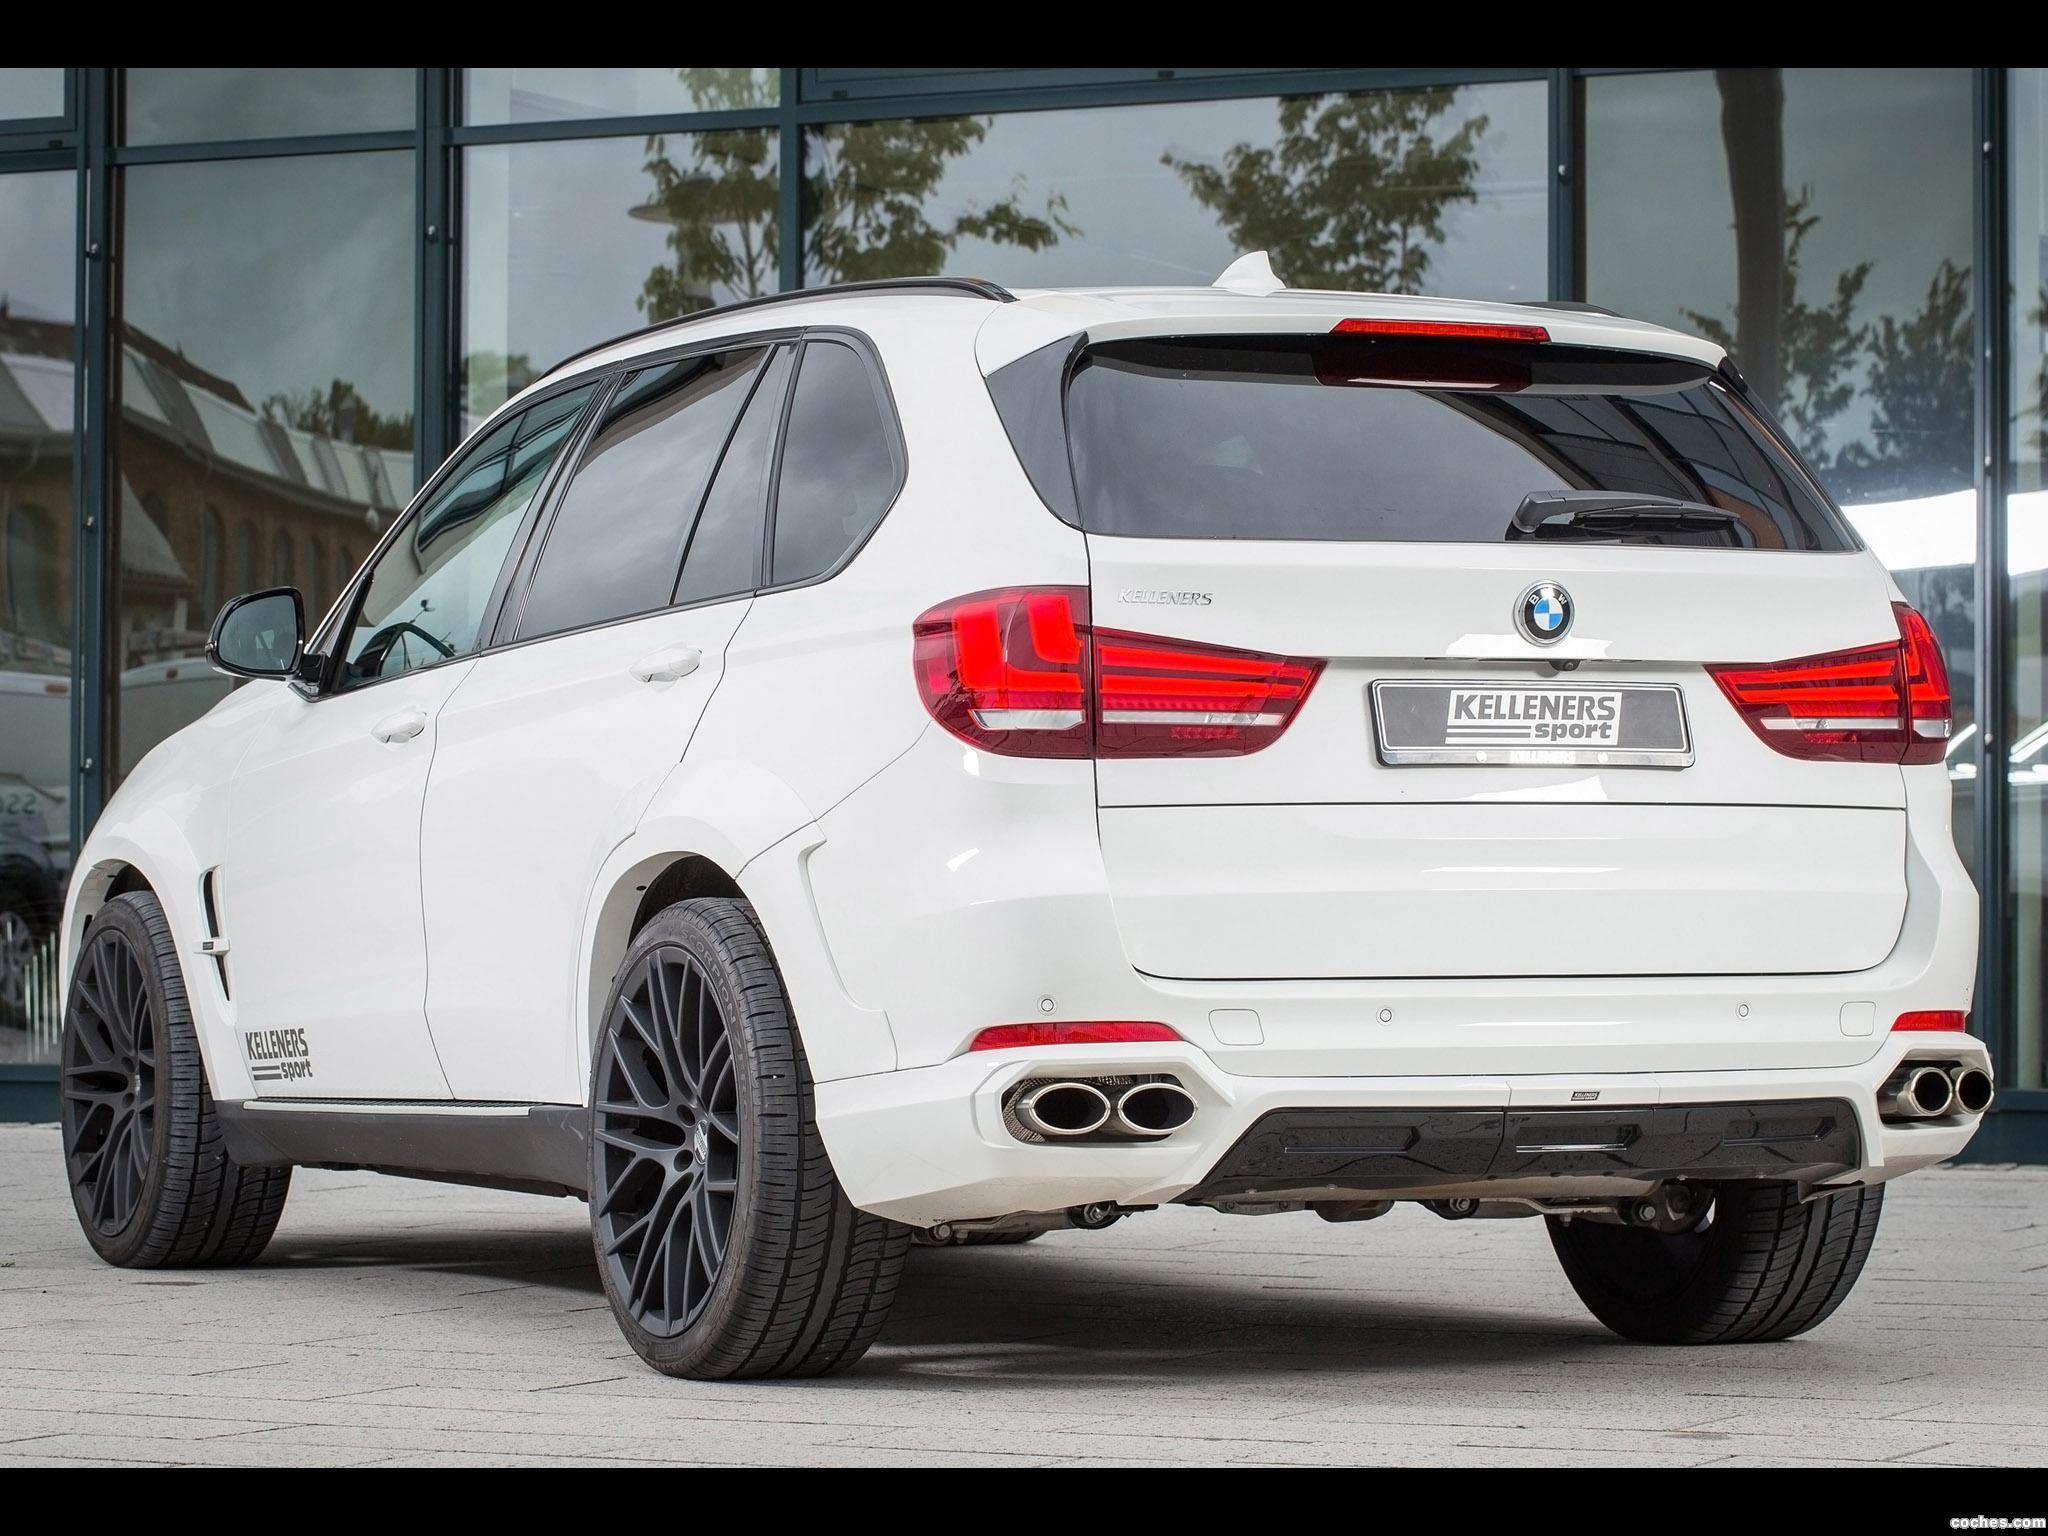 Foto 4 de Kelleners Sport BMW X5 F15 2014